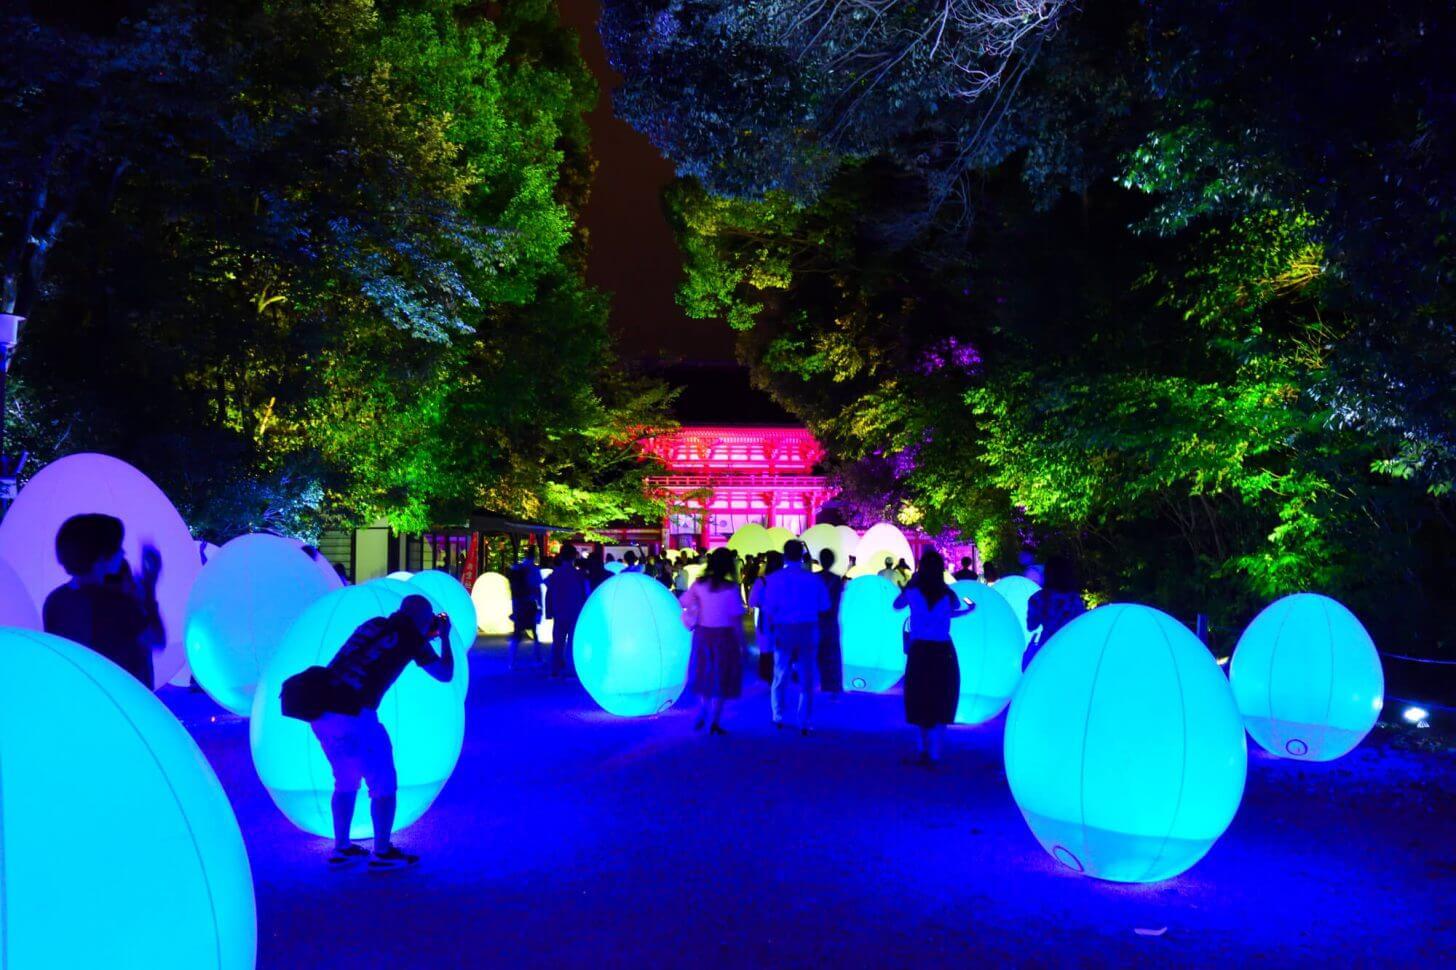 糺の森の光の祭2018 鳥居と楼門の間の風景